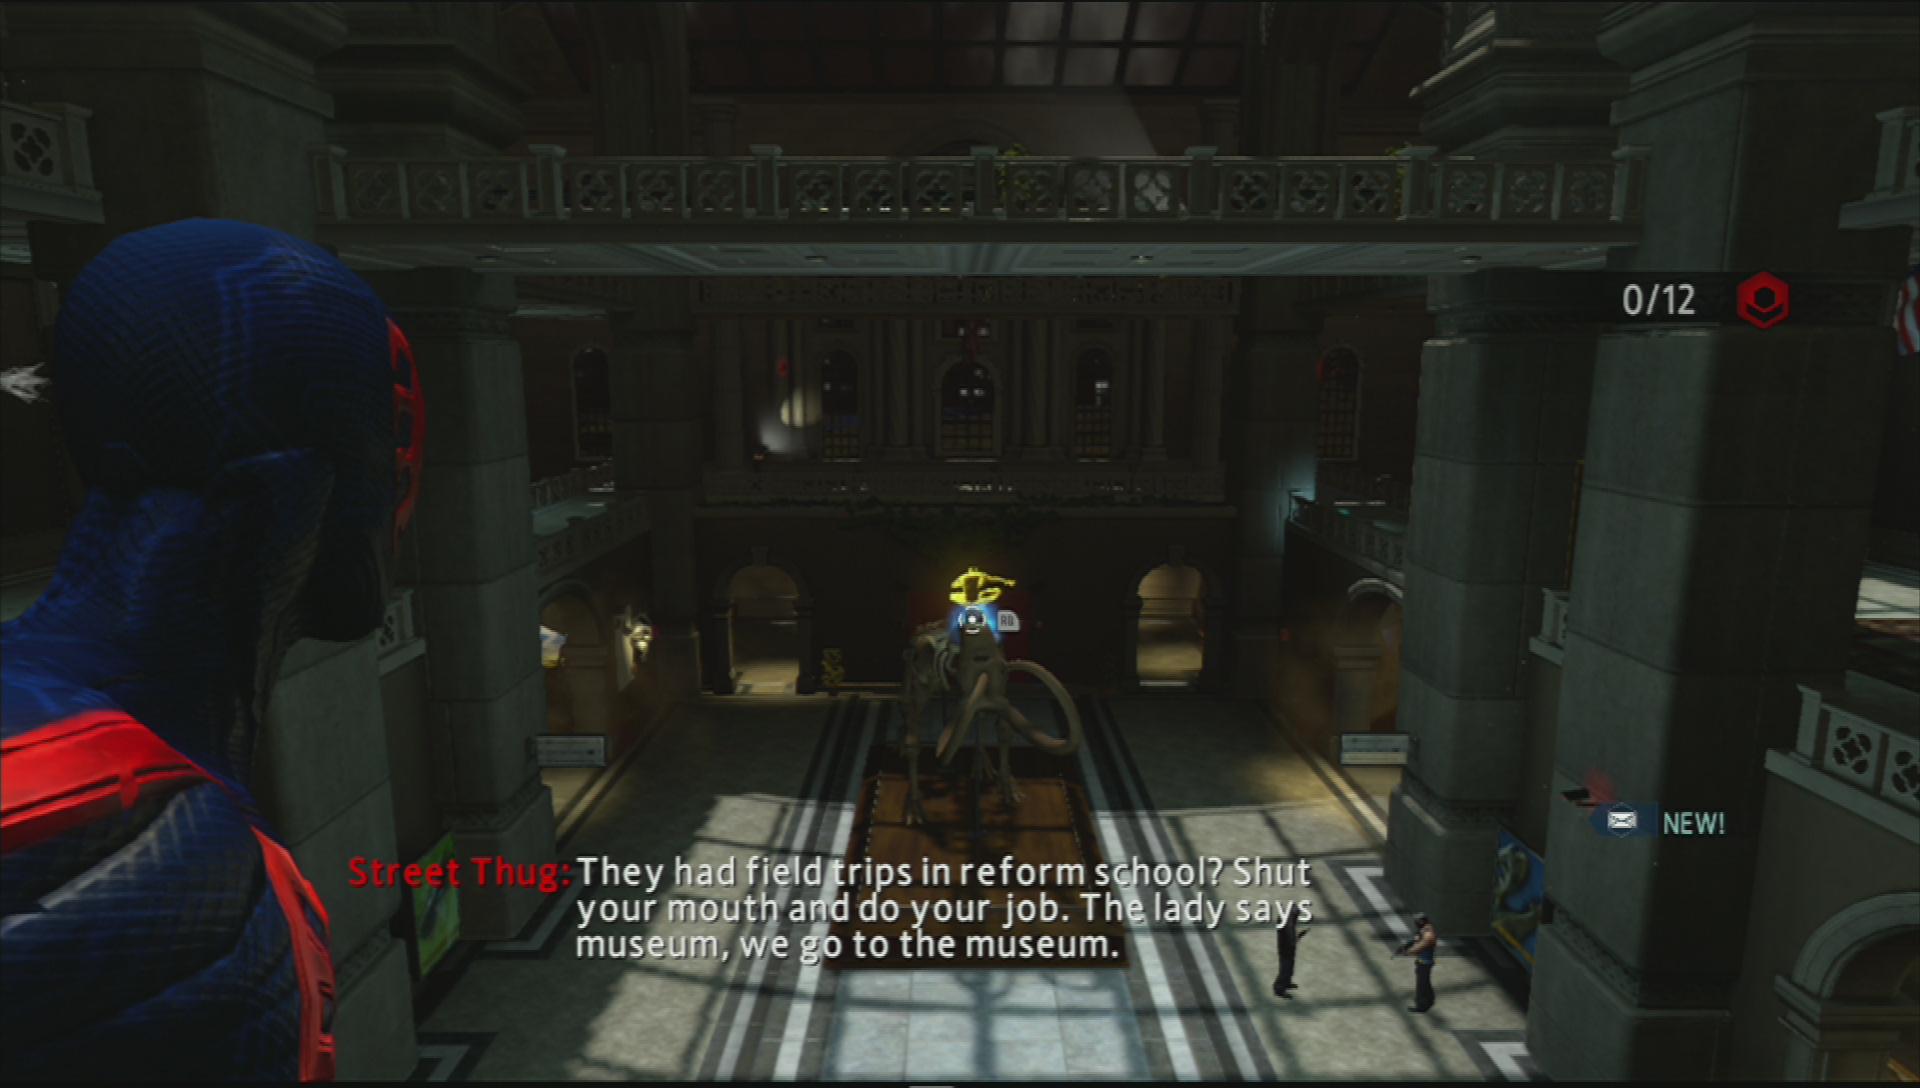 神奇蜘蛛侠2最新游戏截图赏